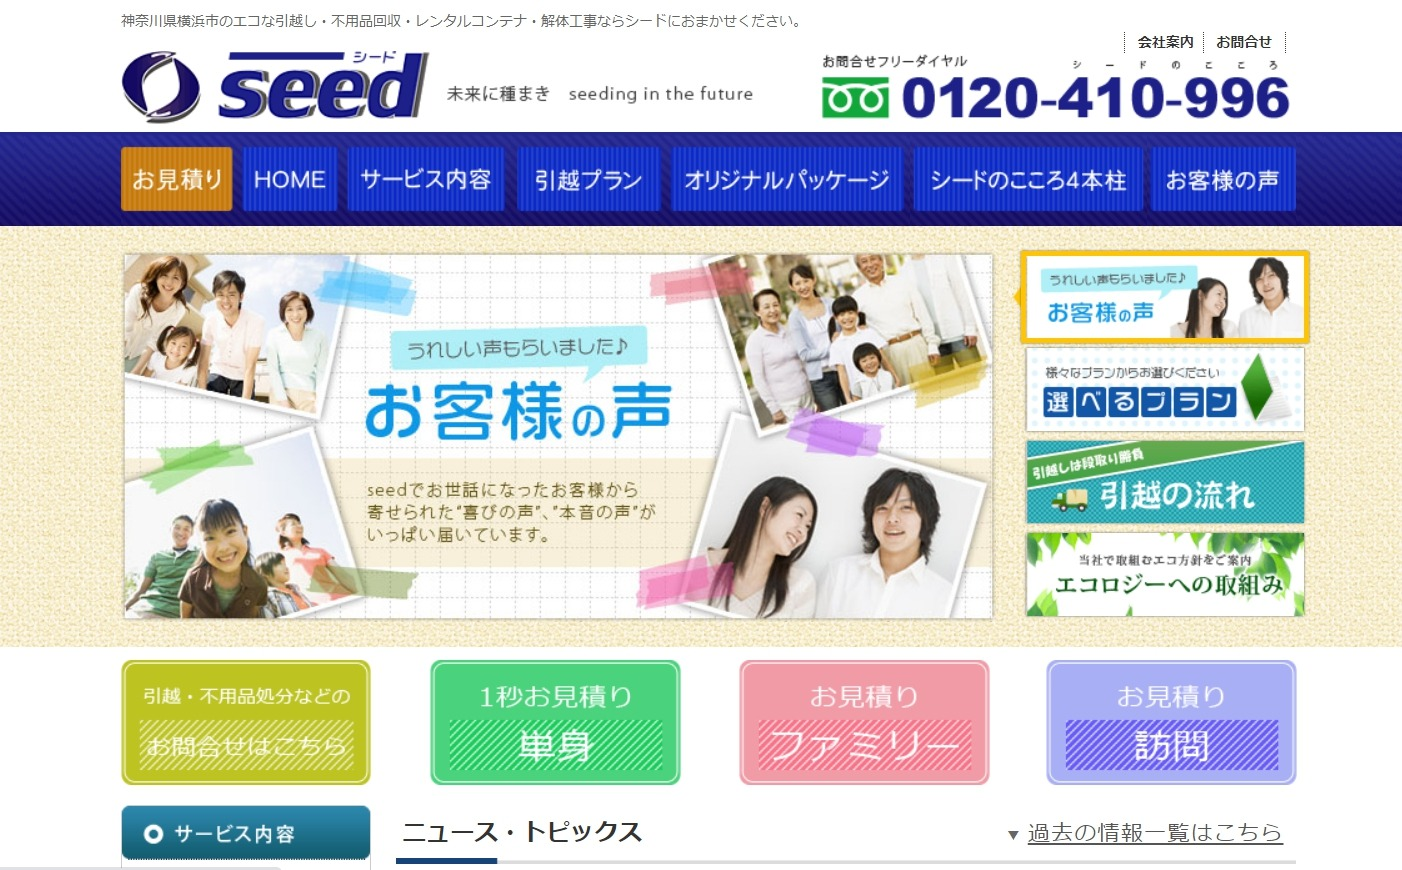 https://www.seed2008.com/